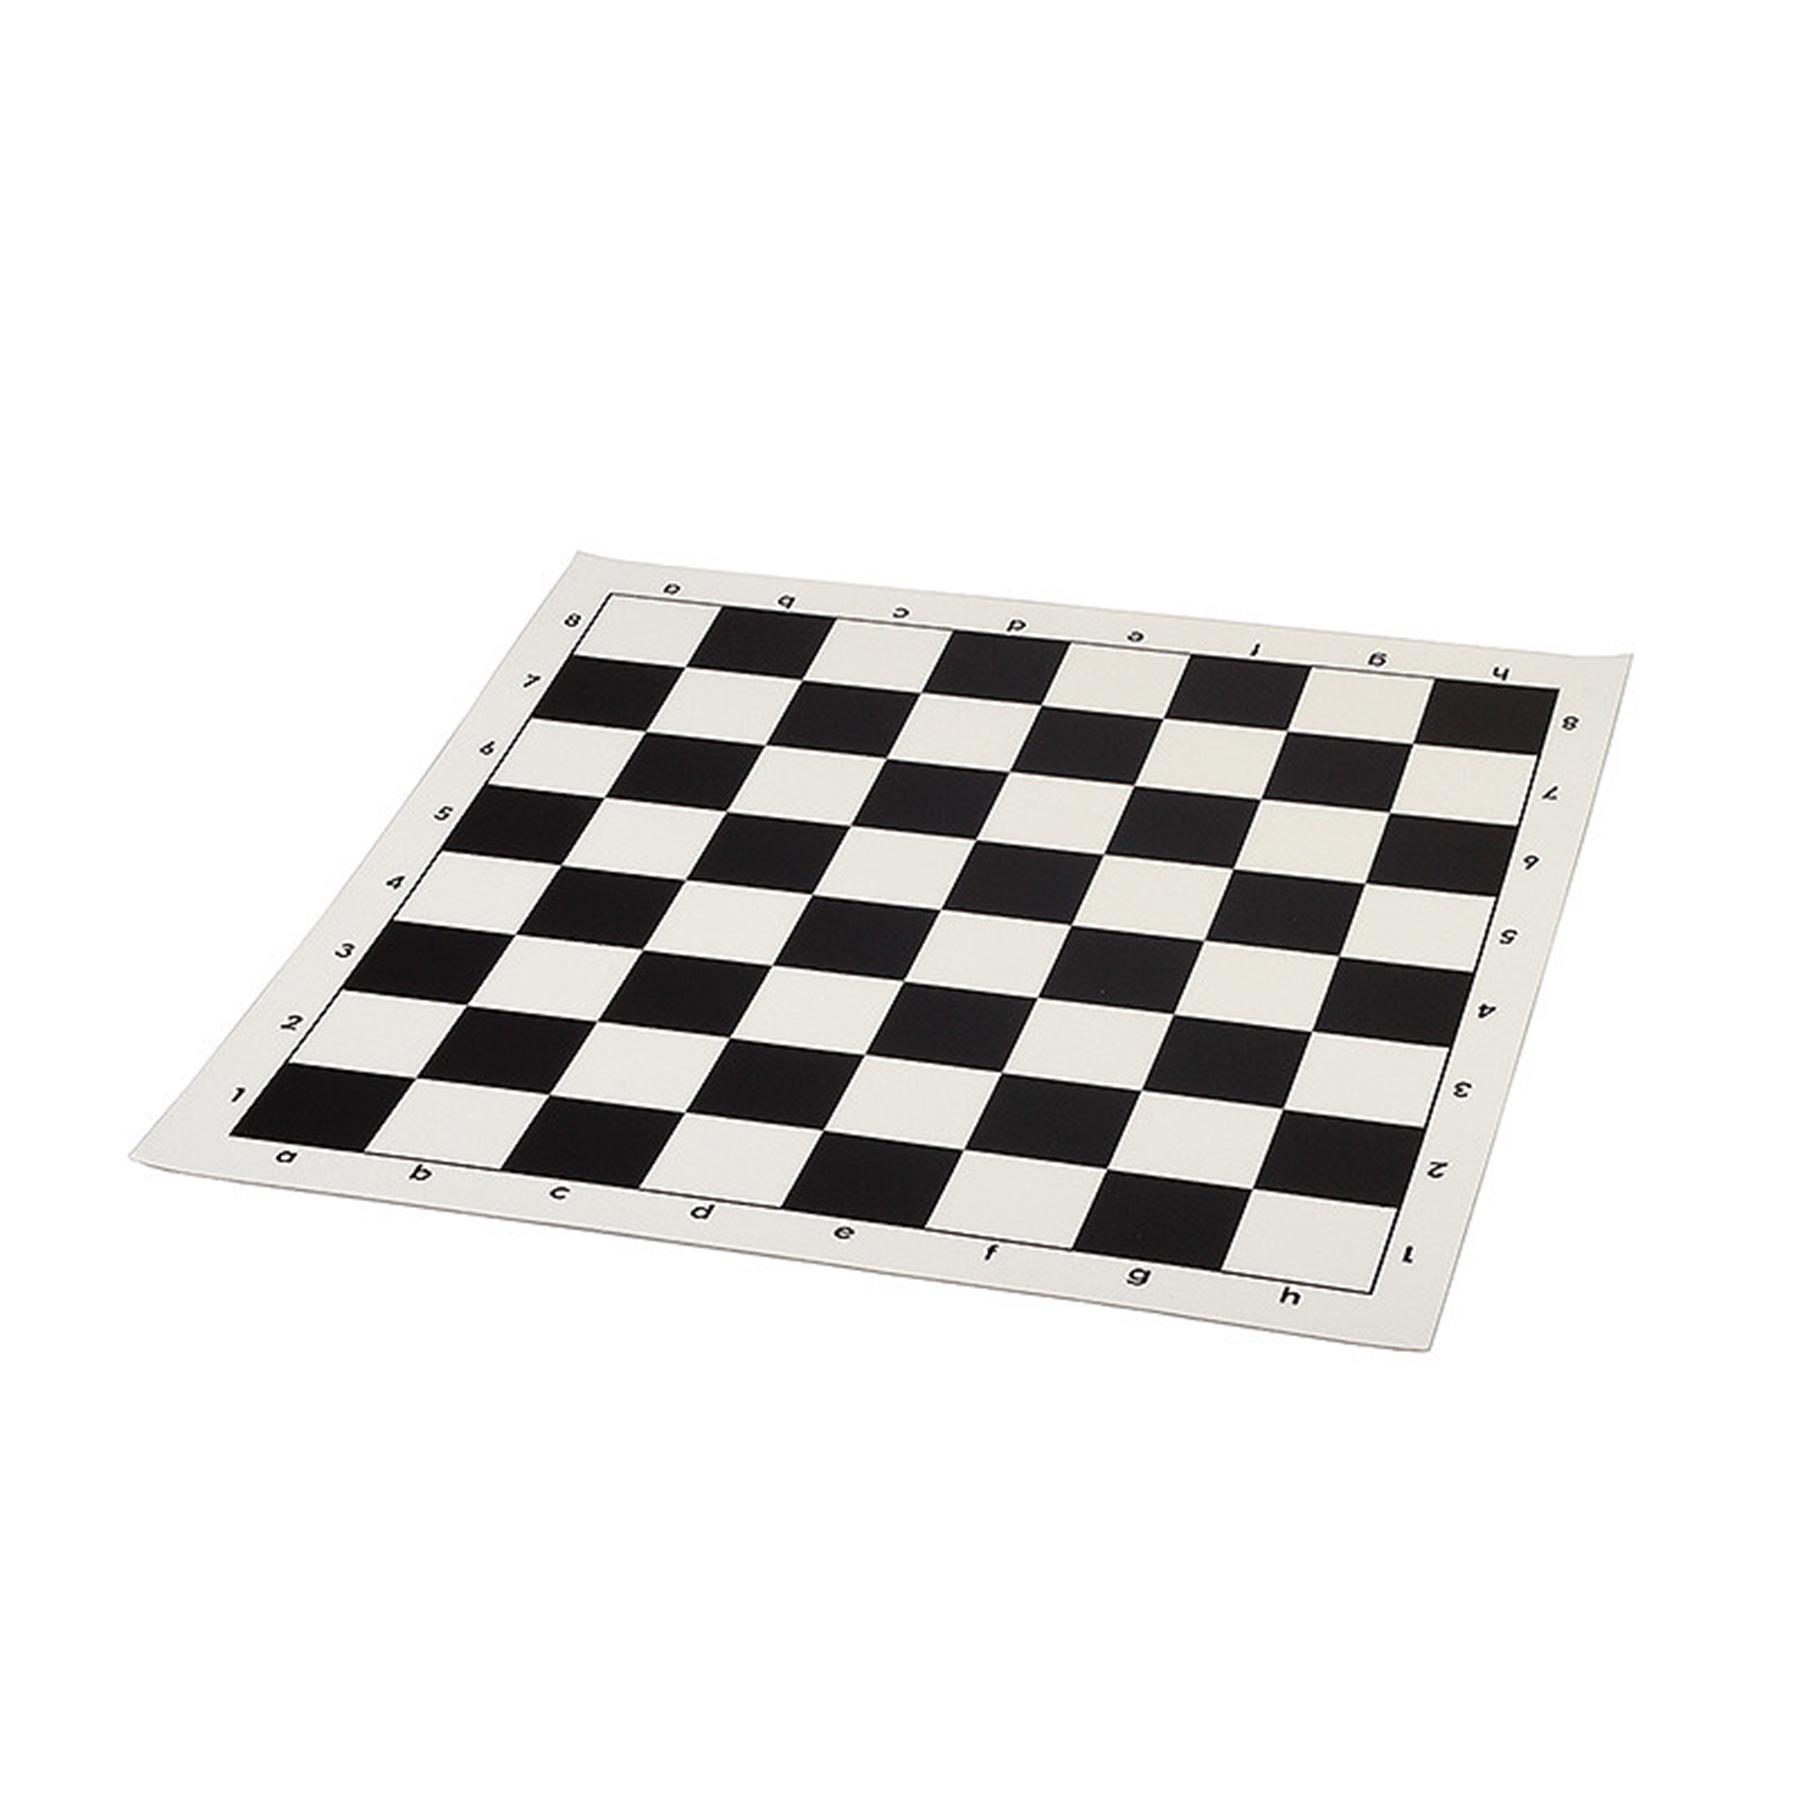 Доска для шахмат, виниловая. Размер 38х38 см. P-3838 (09279)